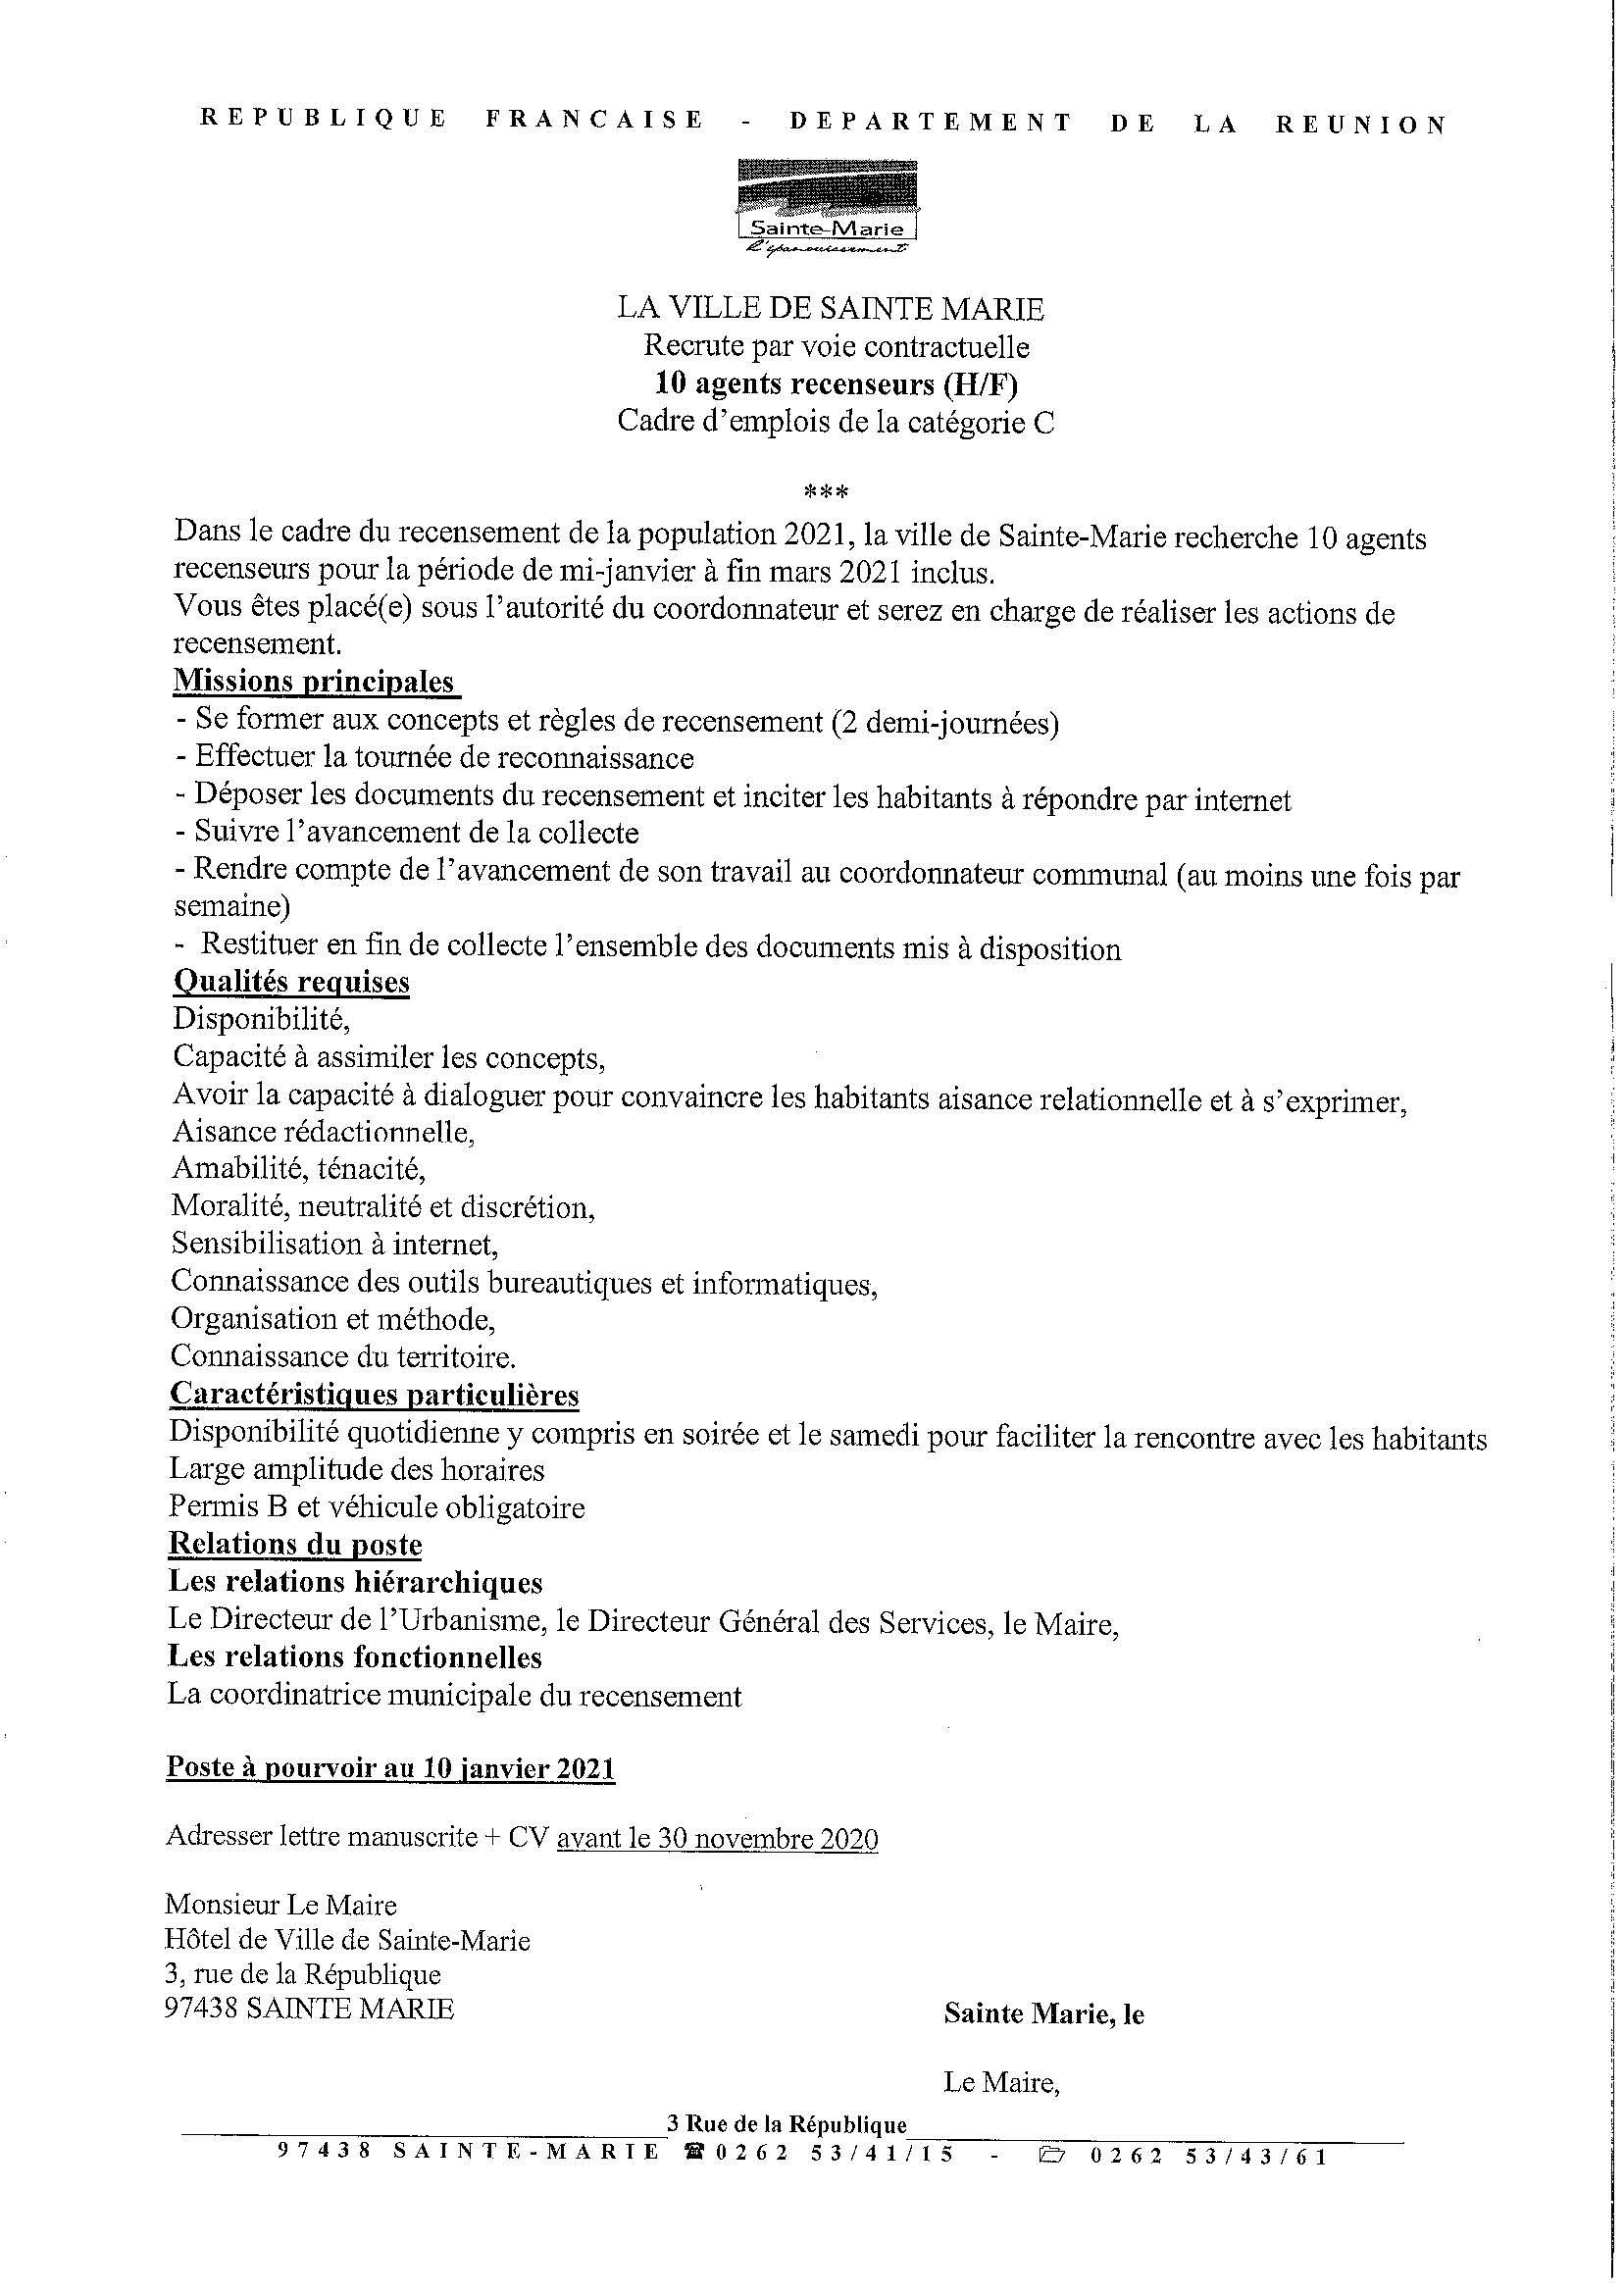 Offre d'emploi (10 agents recenseurs)